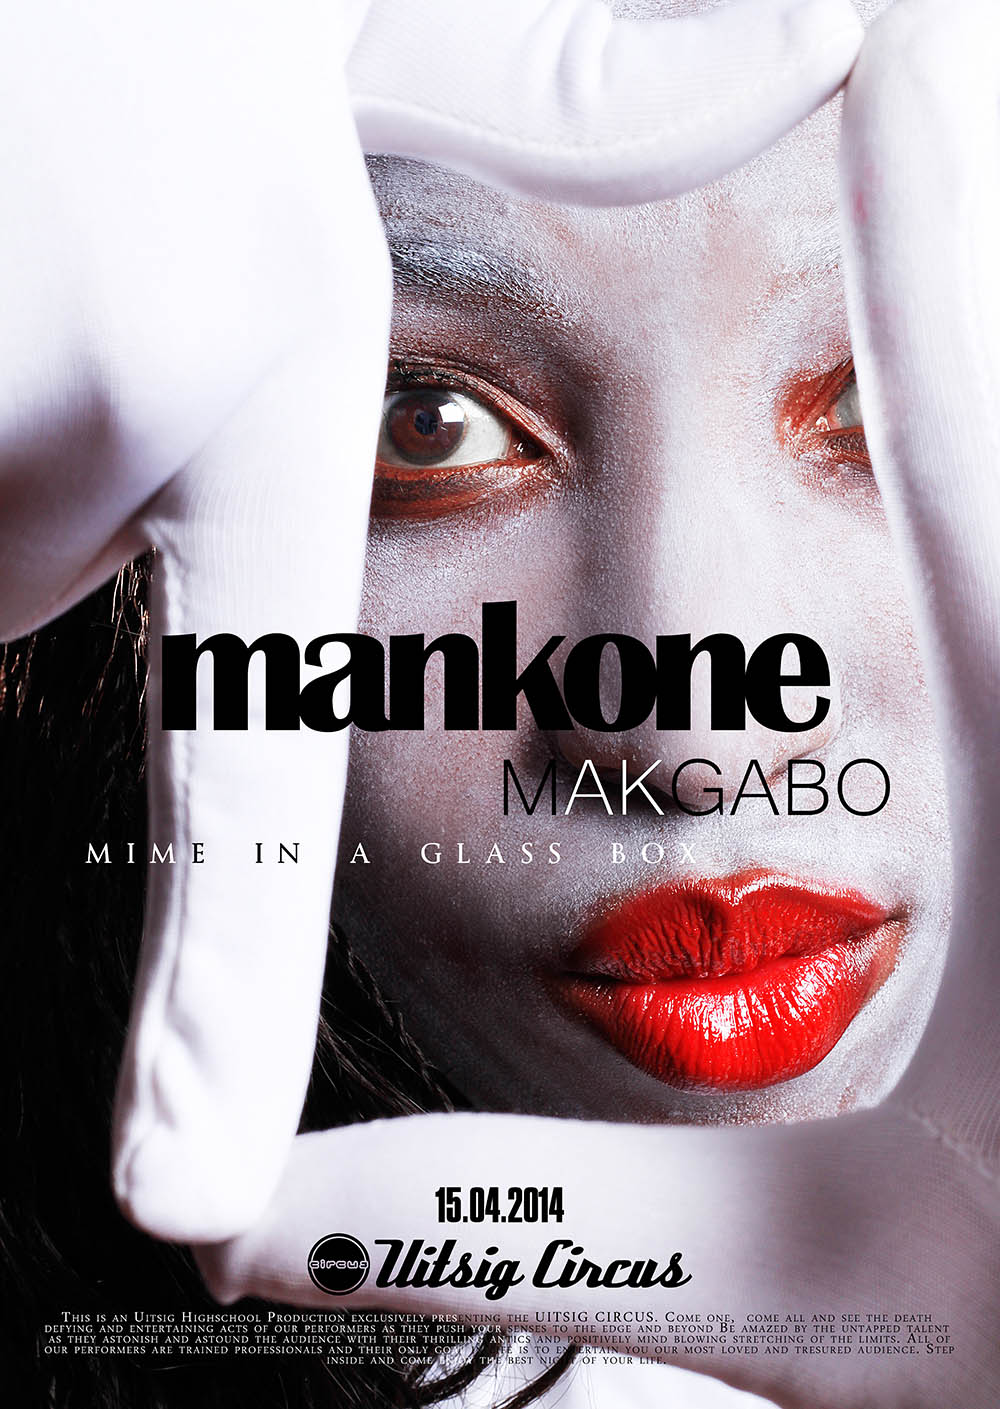 Mankone Makgabo